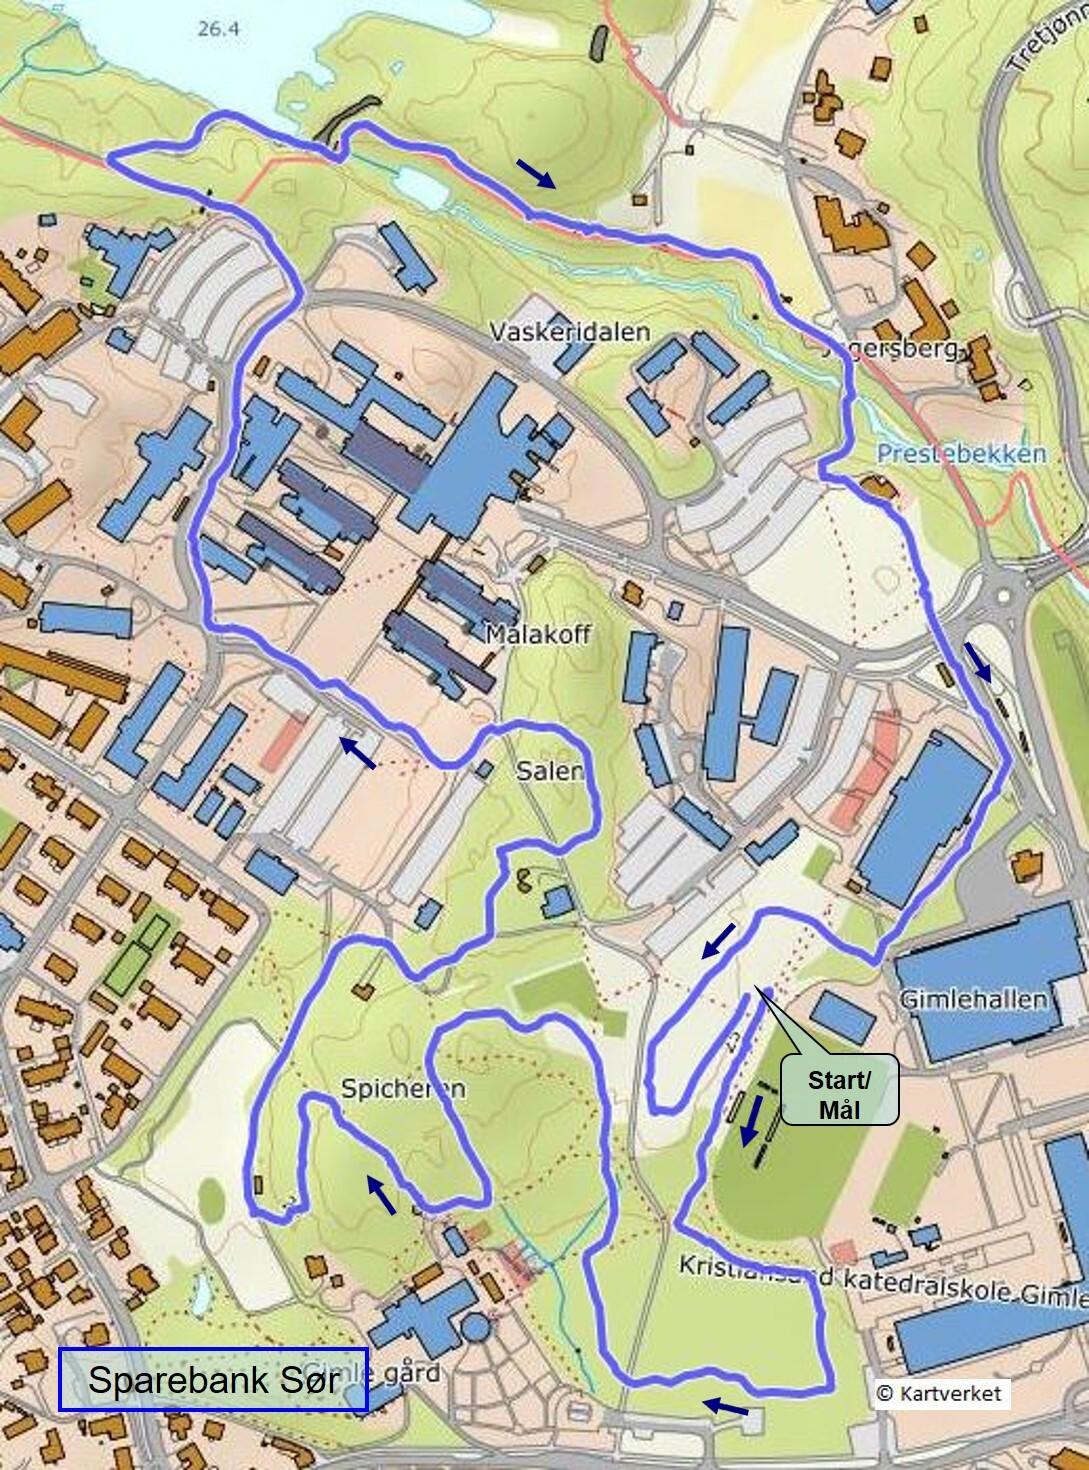 Kart - karuselløp no 1 - Gimlebanen (ny).jpg